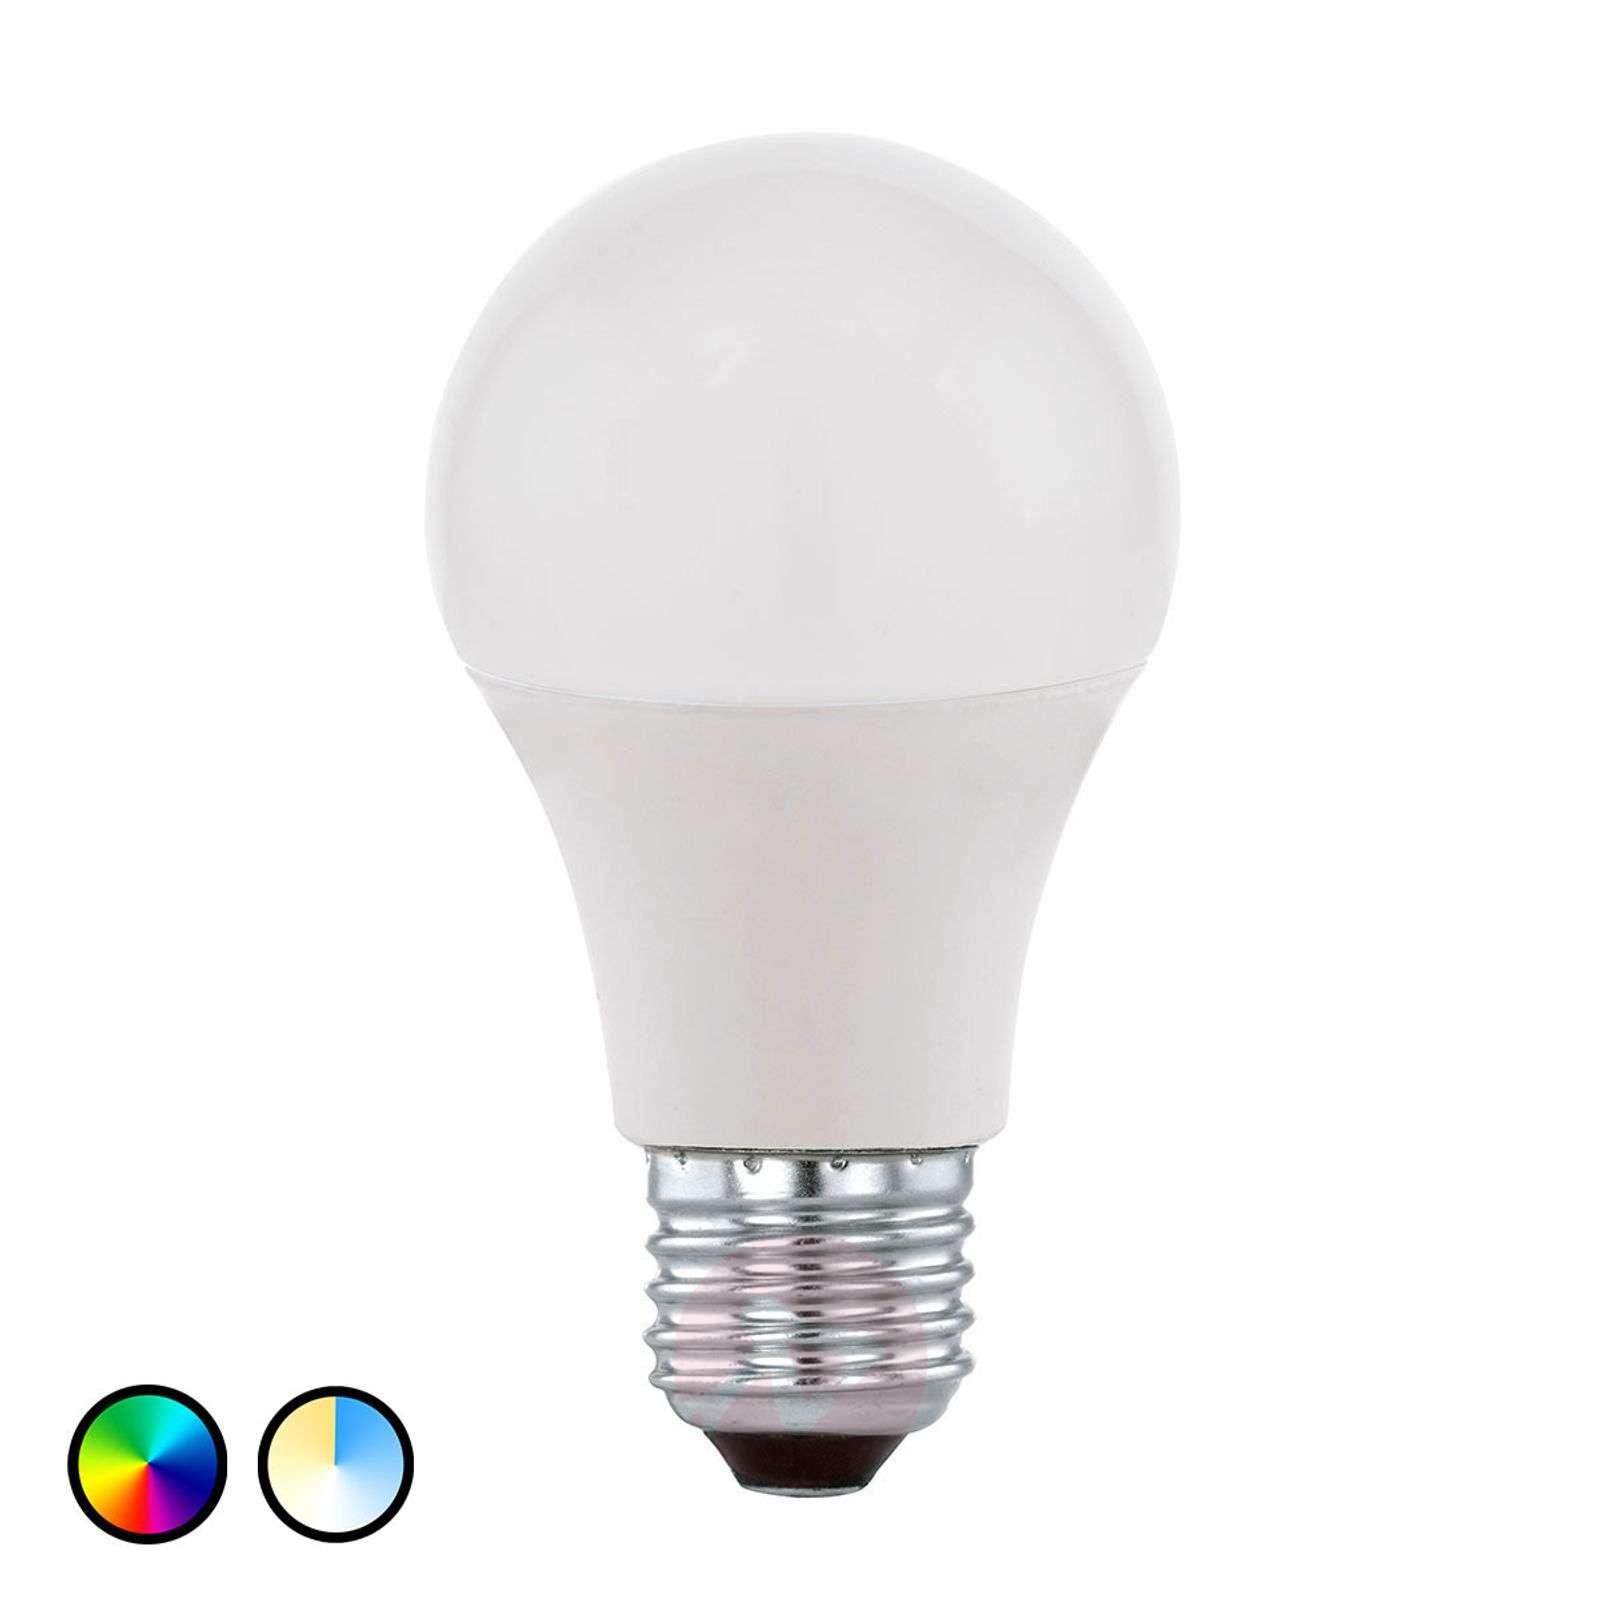 Bluetooth-lamppu paljastaa sisäisen valosuunnittelijan